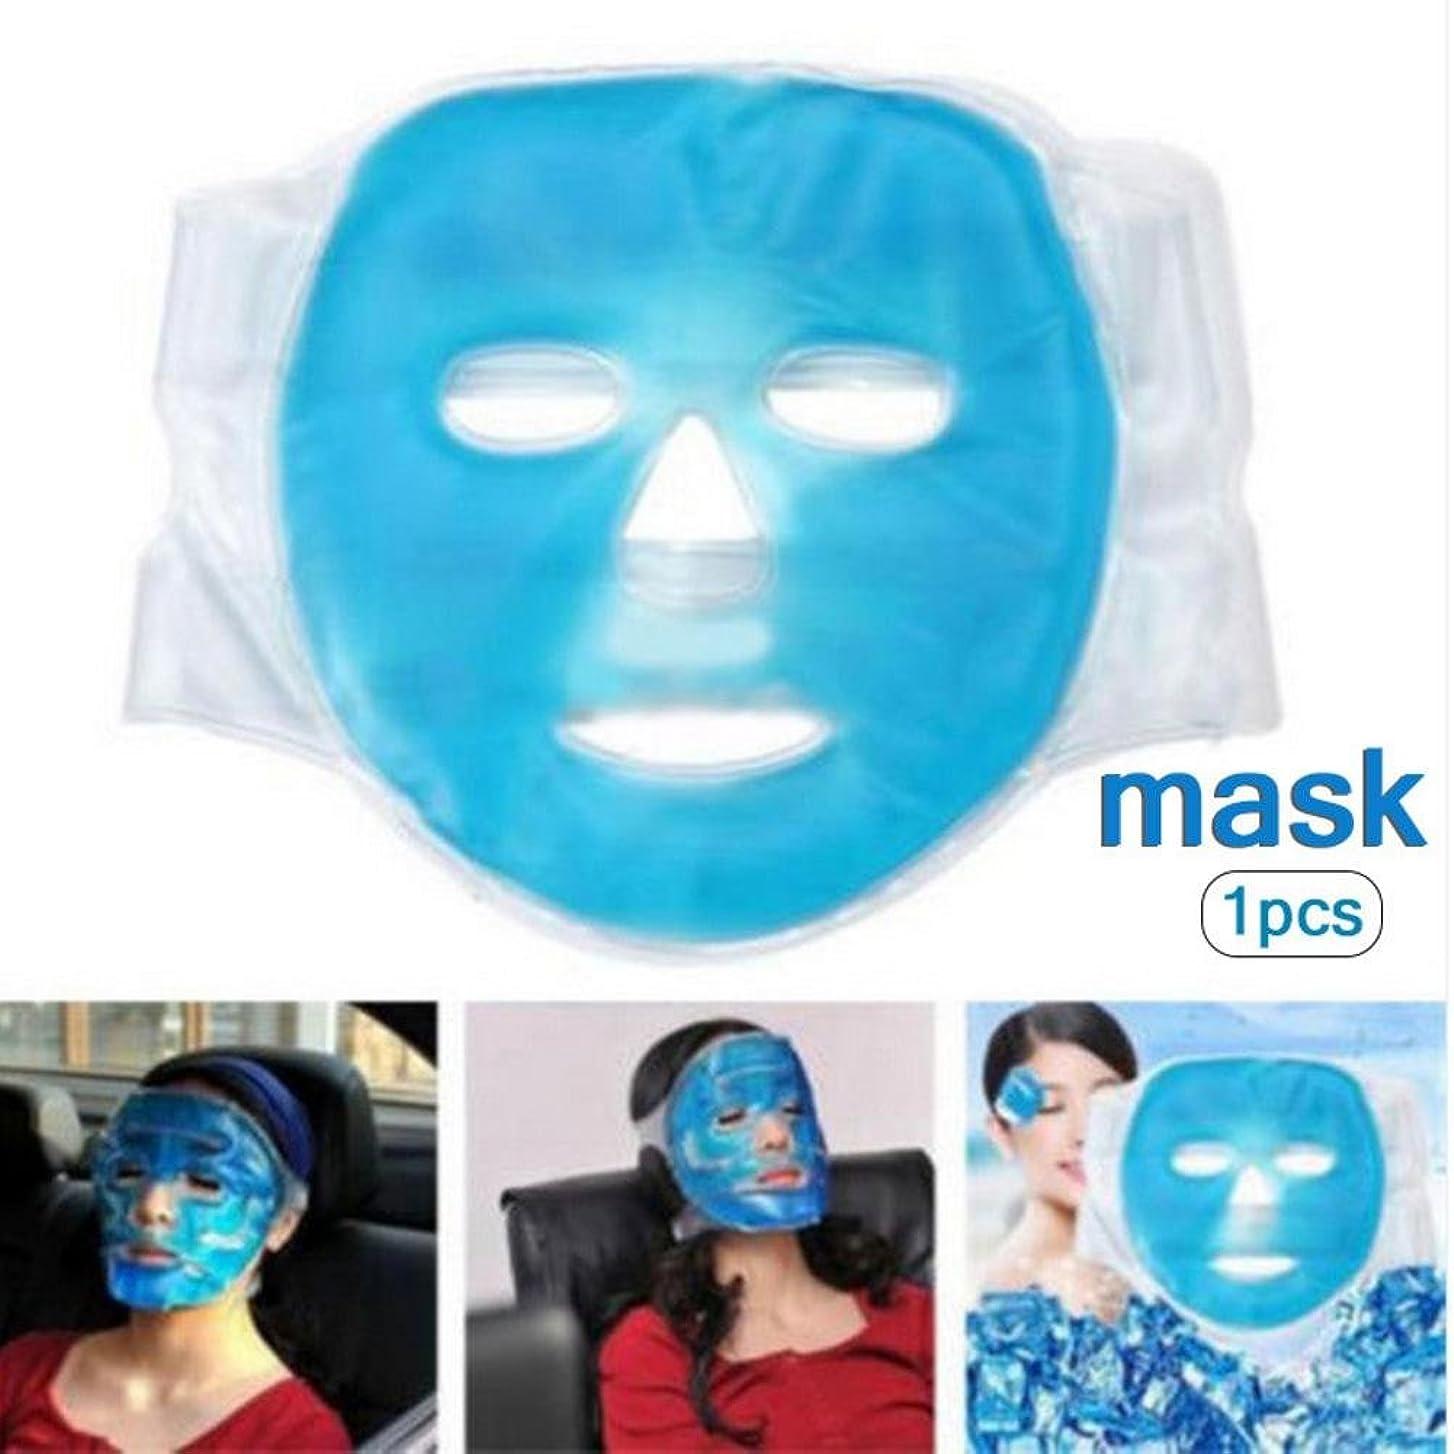 びん恐竜デッドSILUN フェイスマスク 冷温兼用 美容用 再利用可能 毛細血管収縮 肌ケア 保湿 吸収しやすい 美容マッサージ アイスマスク